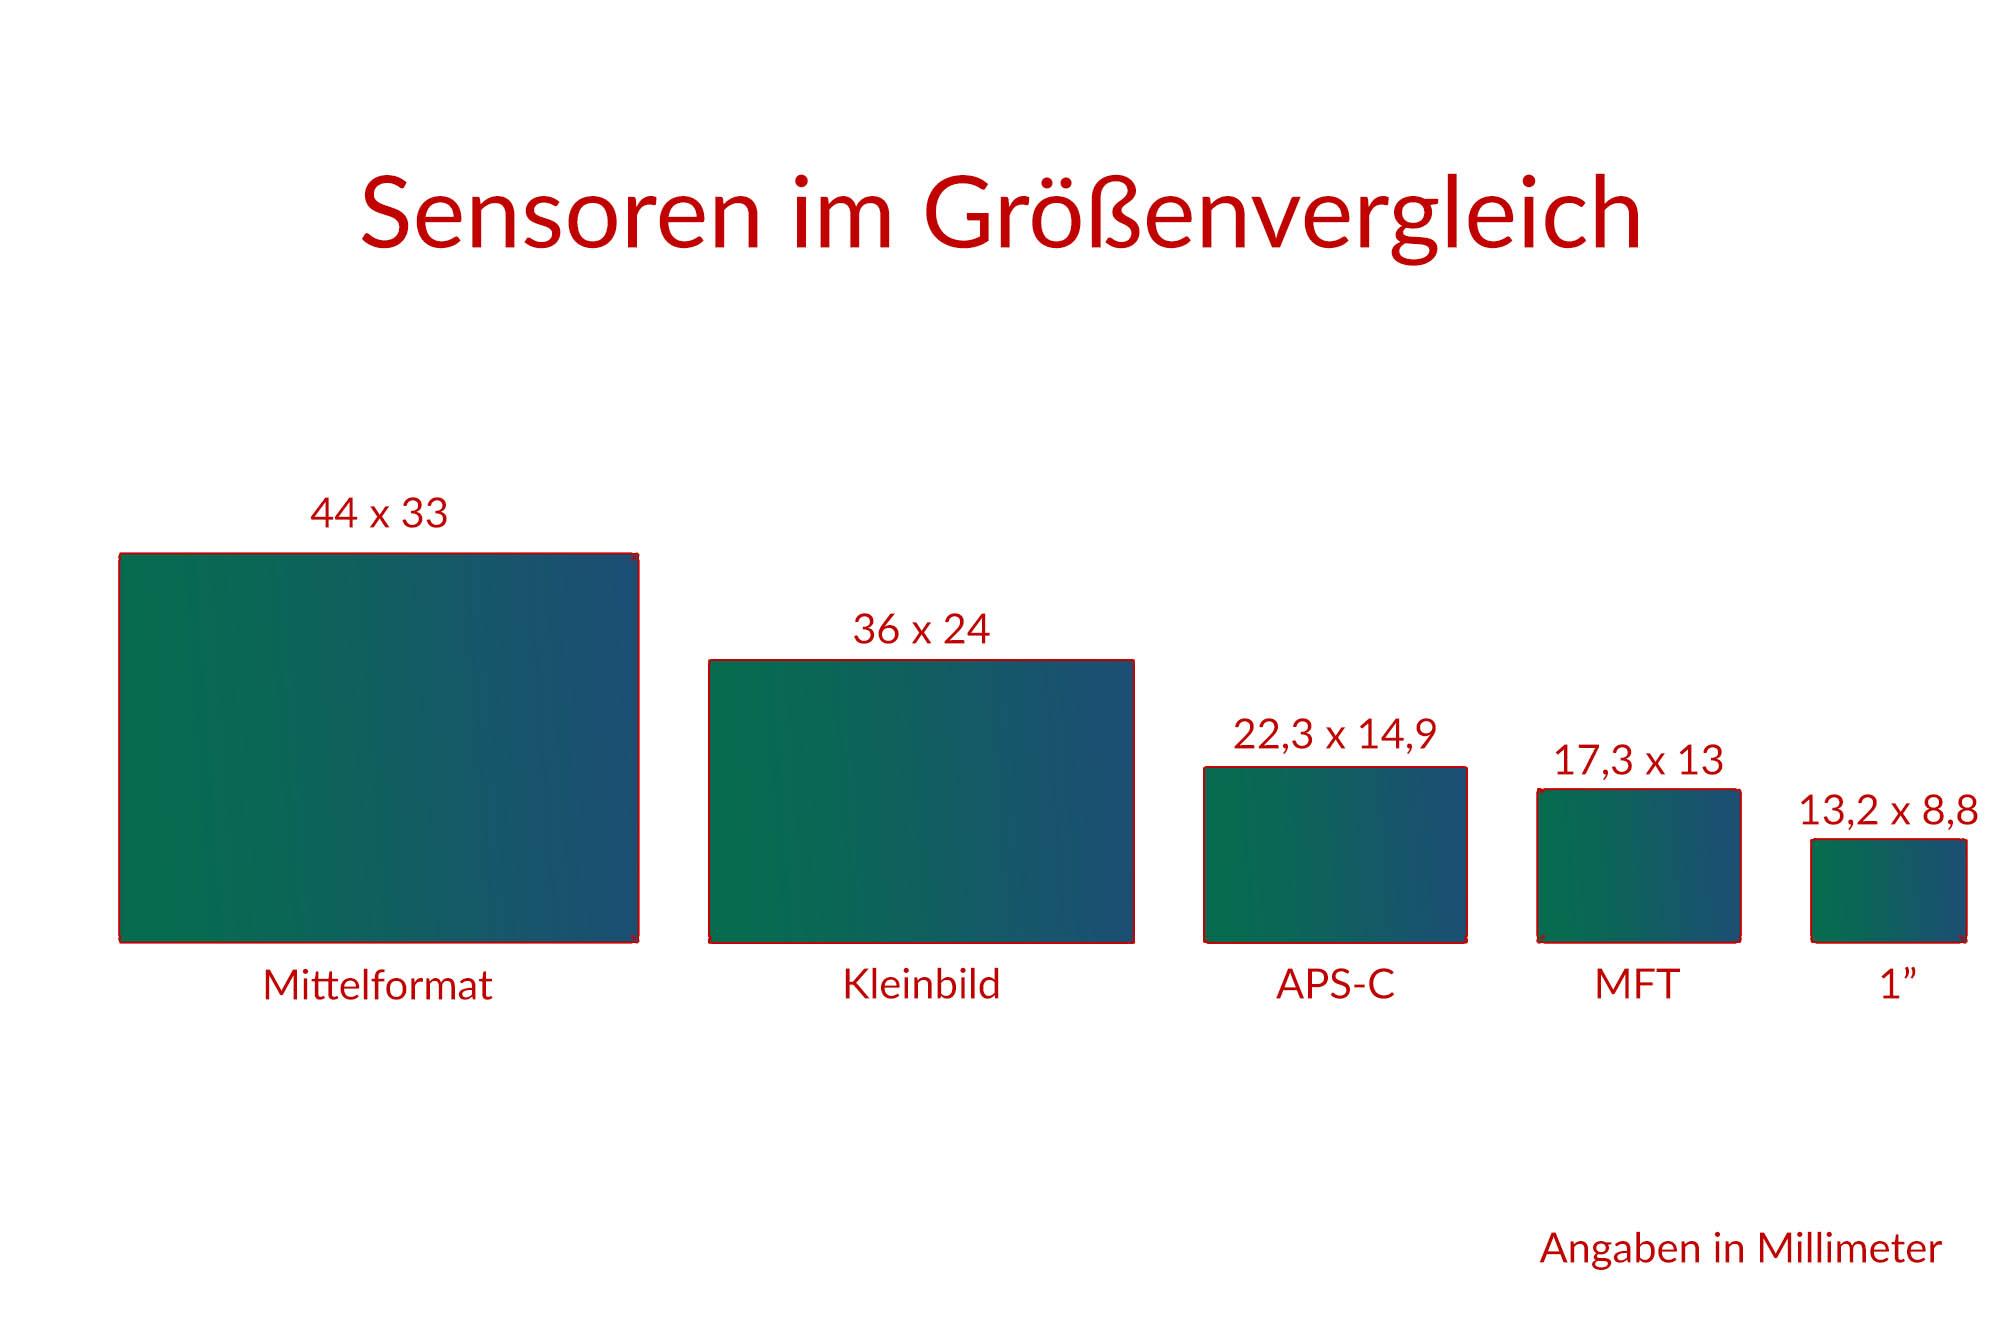 Sensoren - Mittelformat, Vollformat, APS-C, MFT